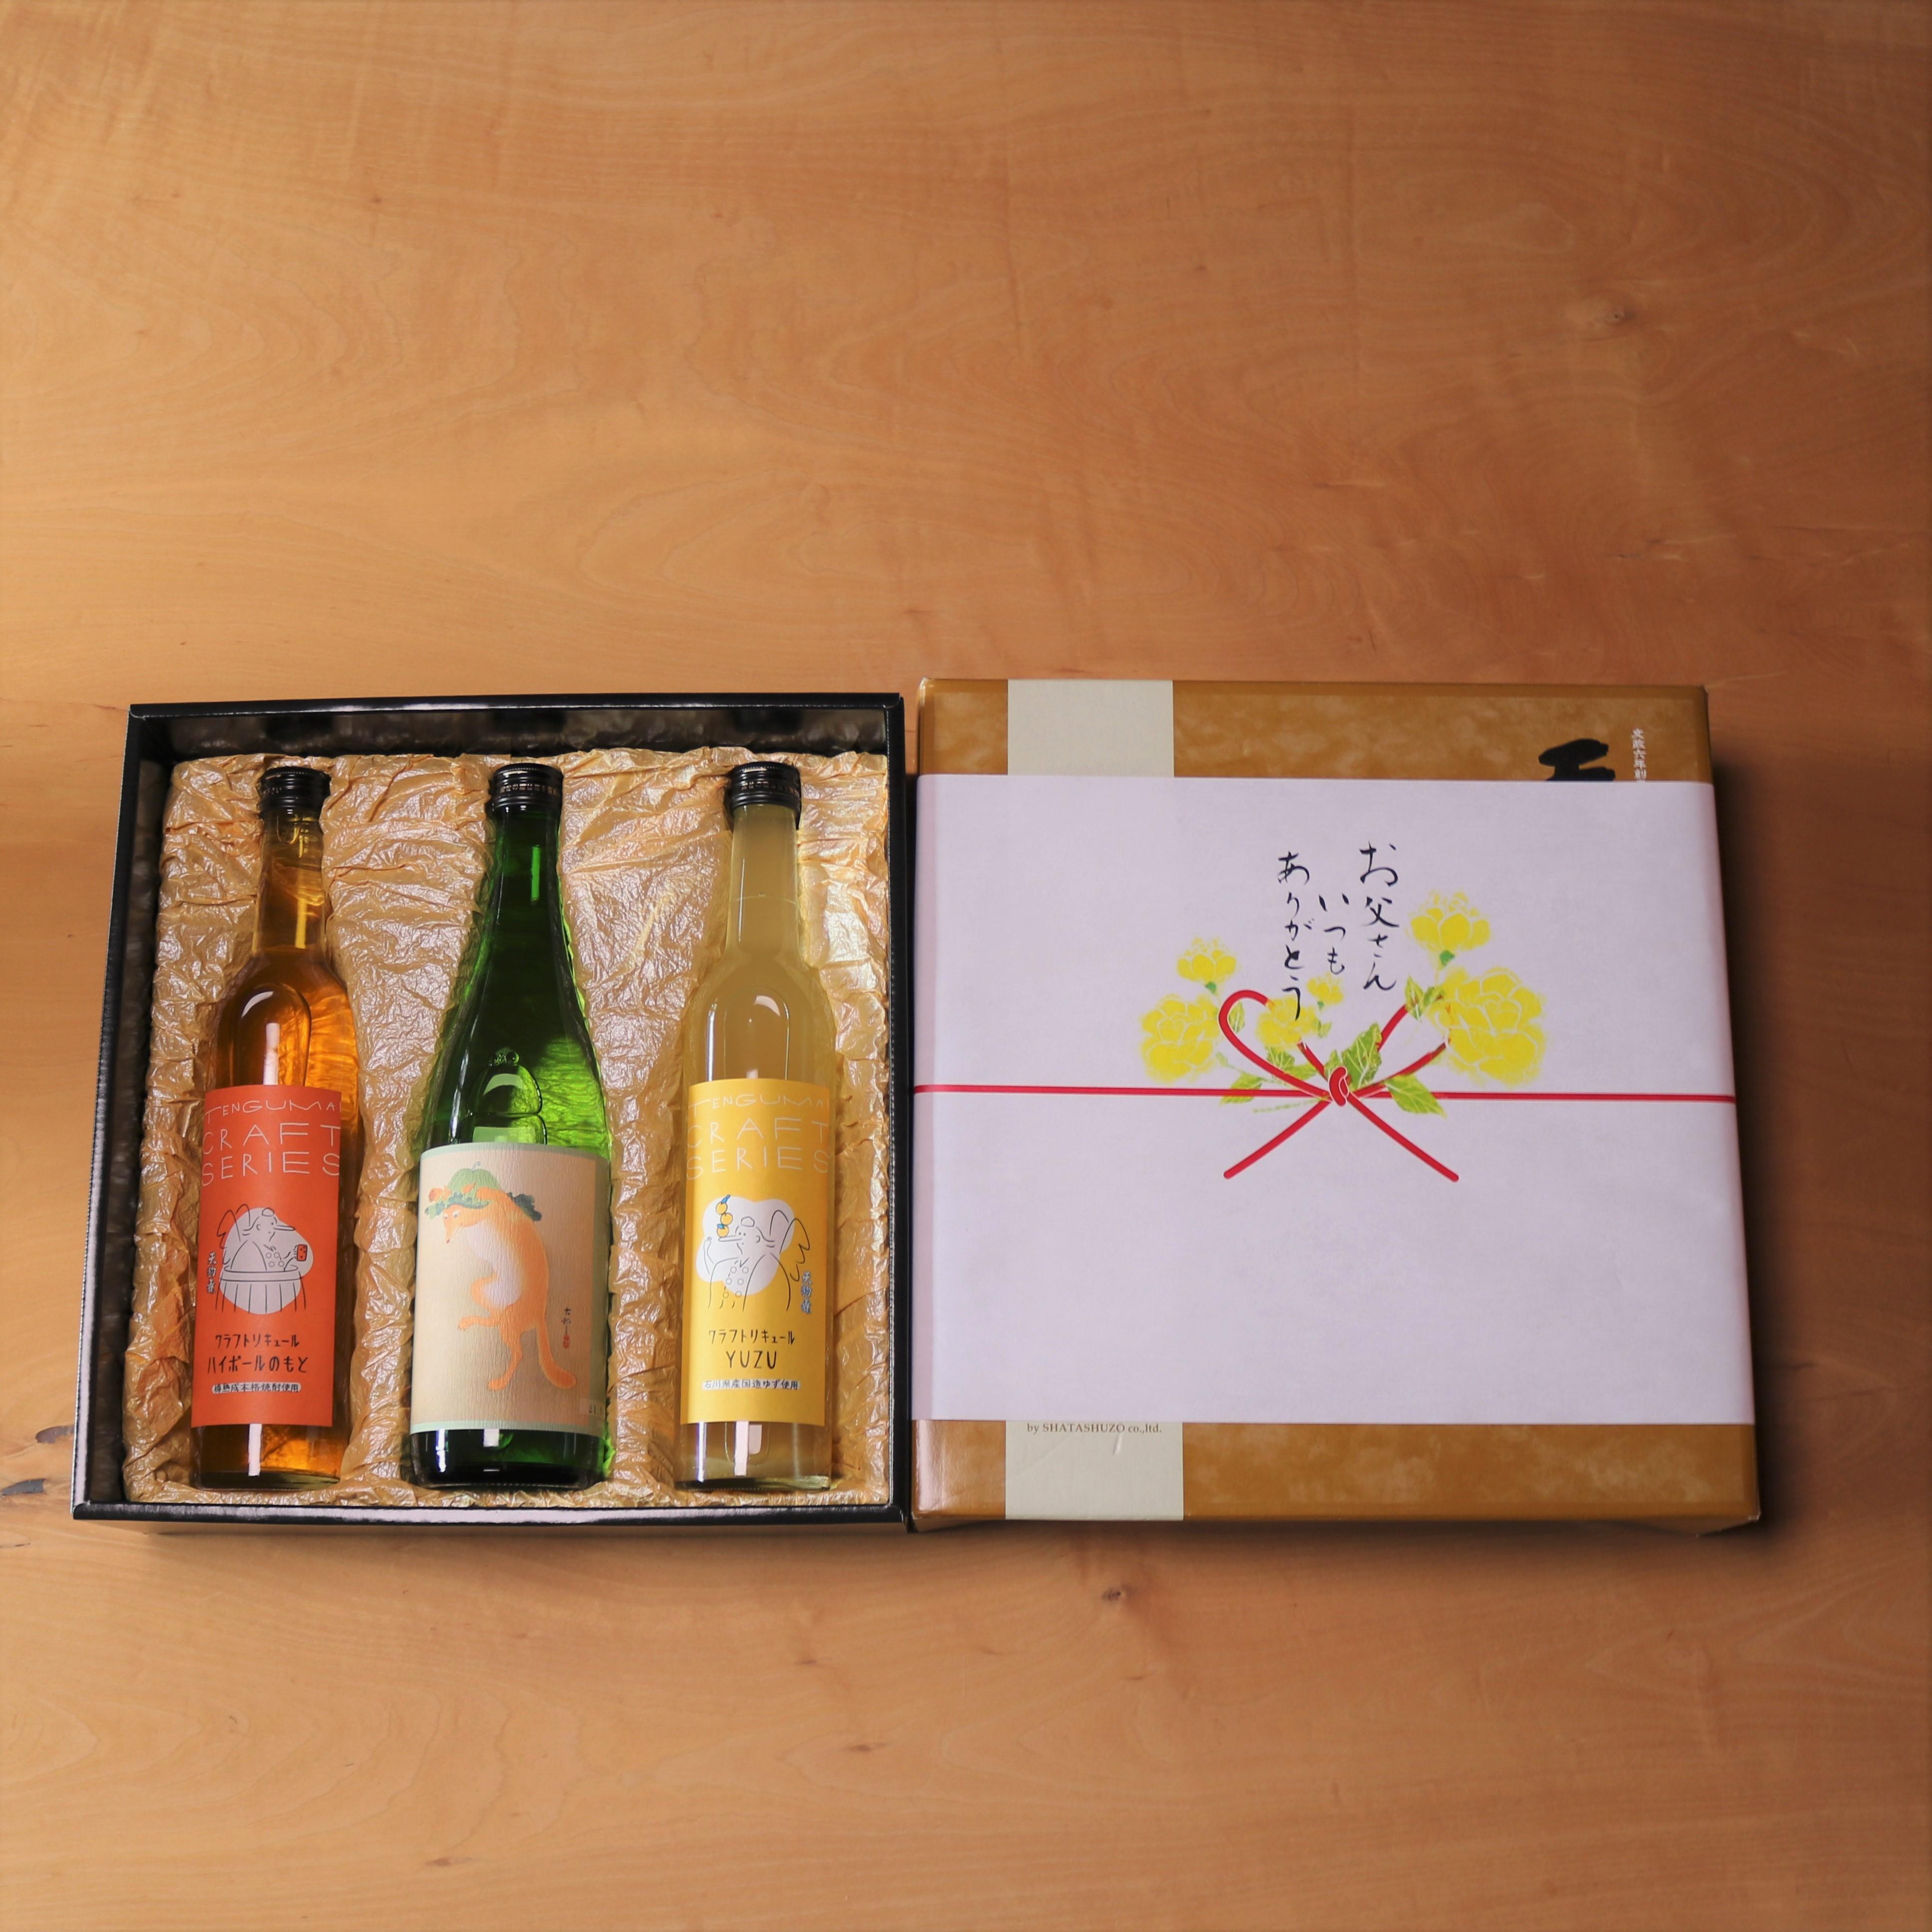 【父の日ギフト】3本セット 天狗舞【OHARA KOSON山廃純米大吟醸・クラフトリキュールYUZU・クラフトリキュールハイボールのもと】